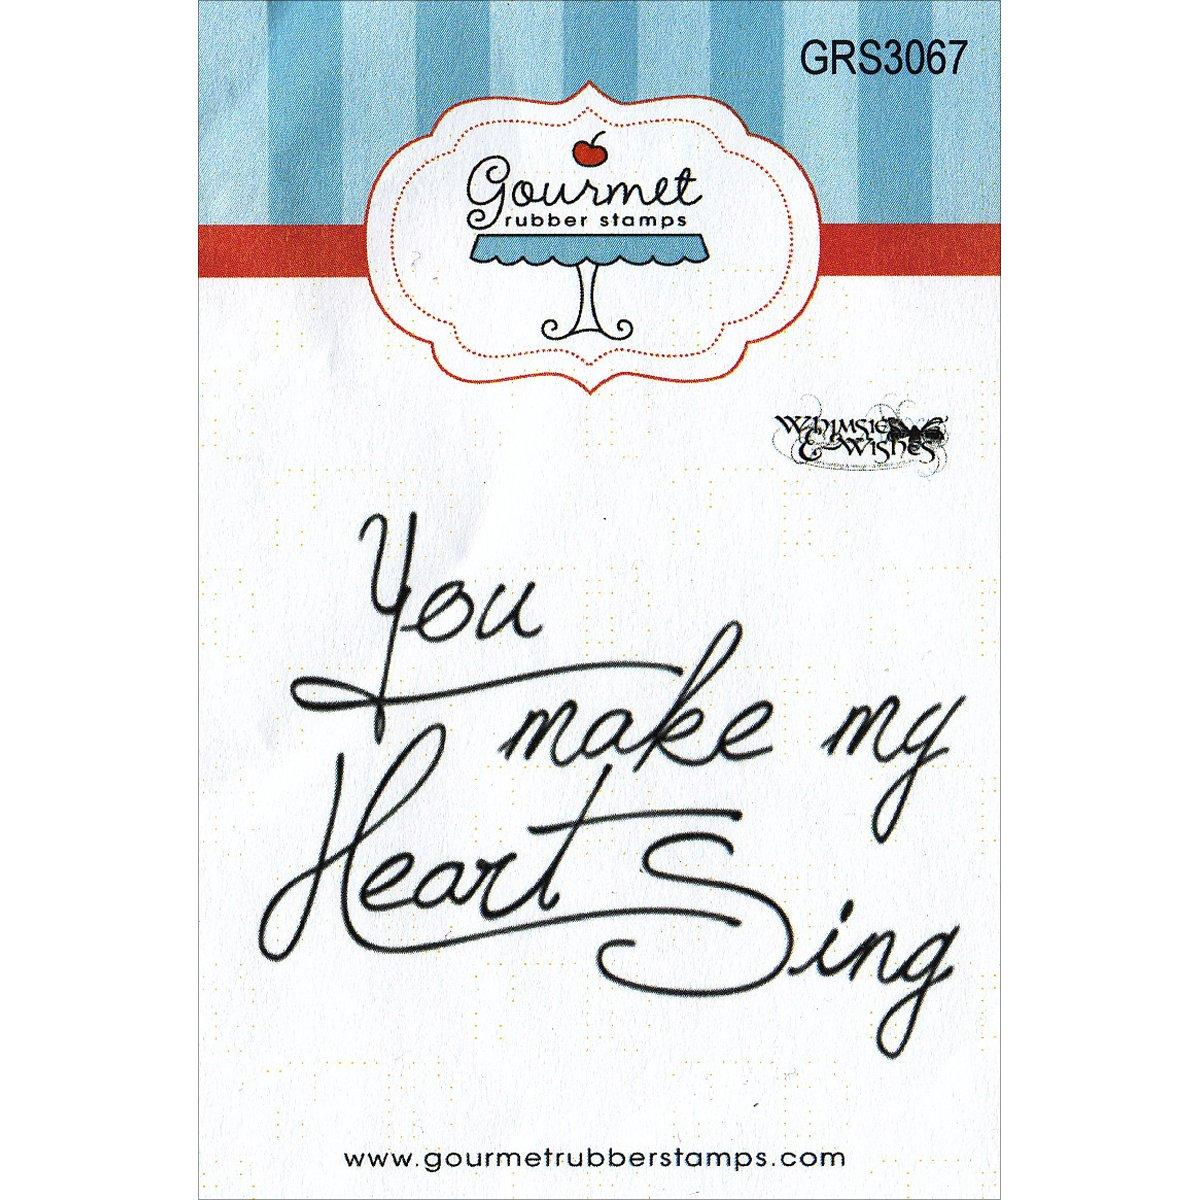 Gourmet Gummi Briefmarken selbst Briefmarken 2,75 Zoll X 4.75-inch-you Make My Heart Sing